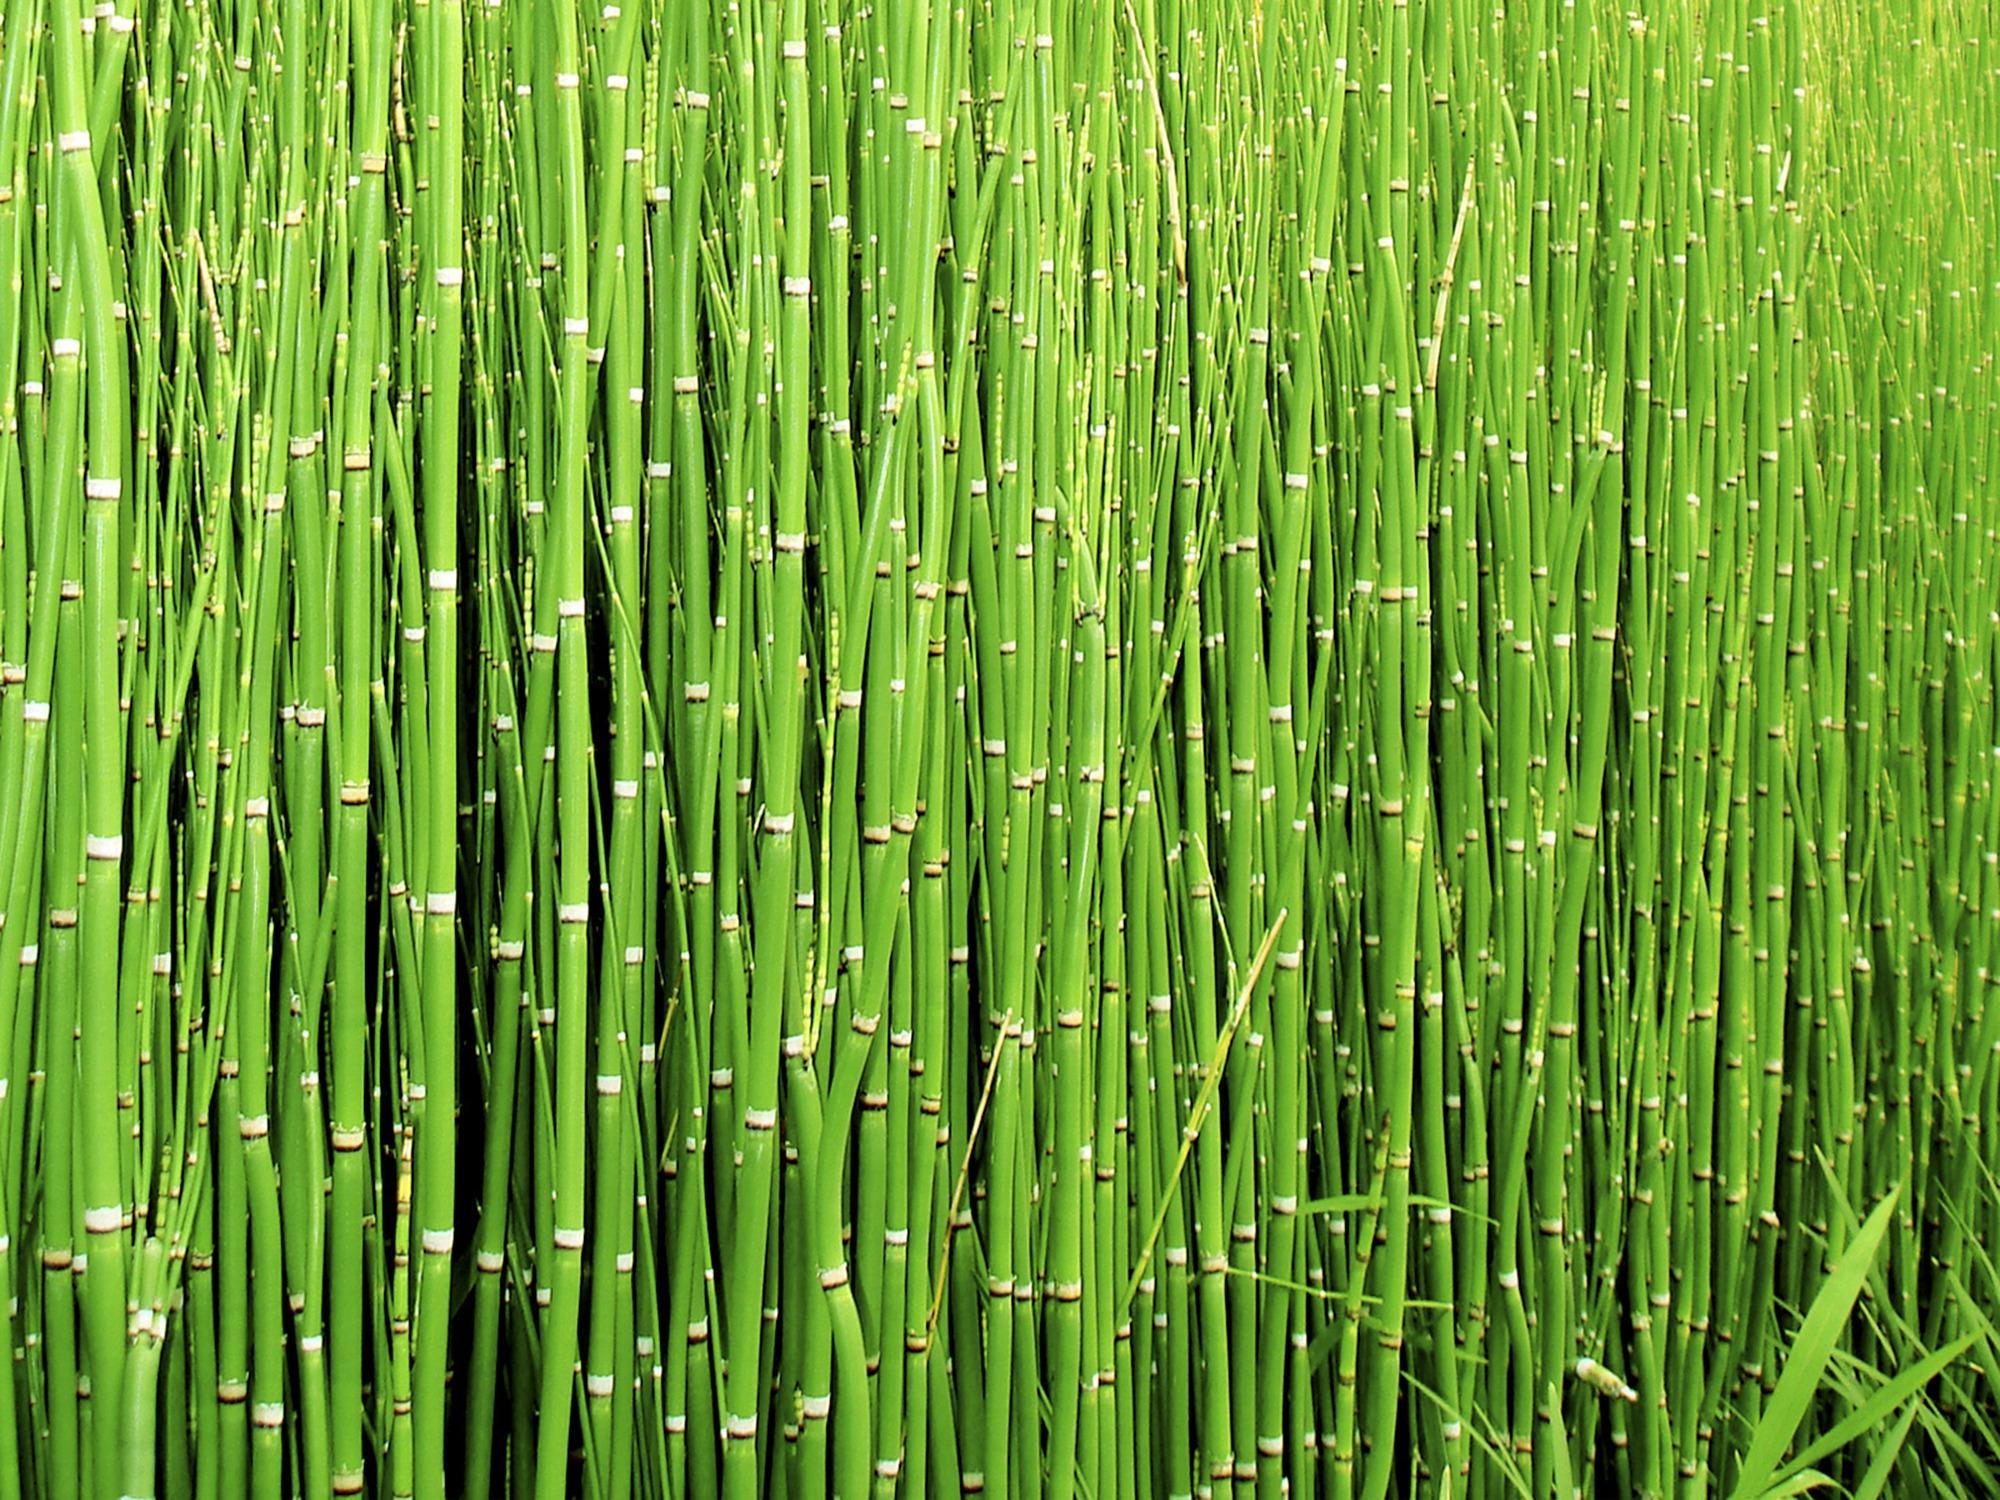 Cañas, green, nature, reeds, vegetation